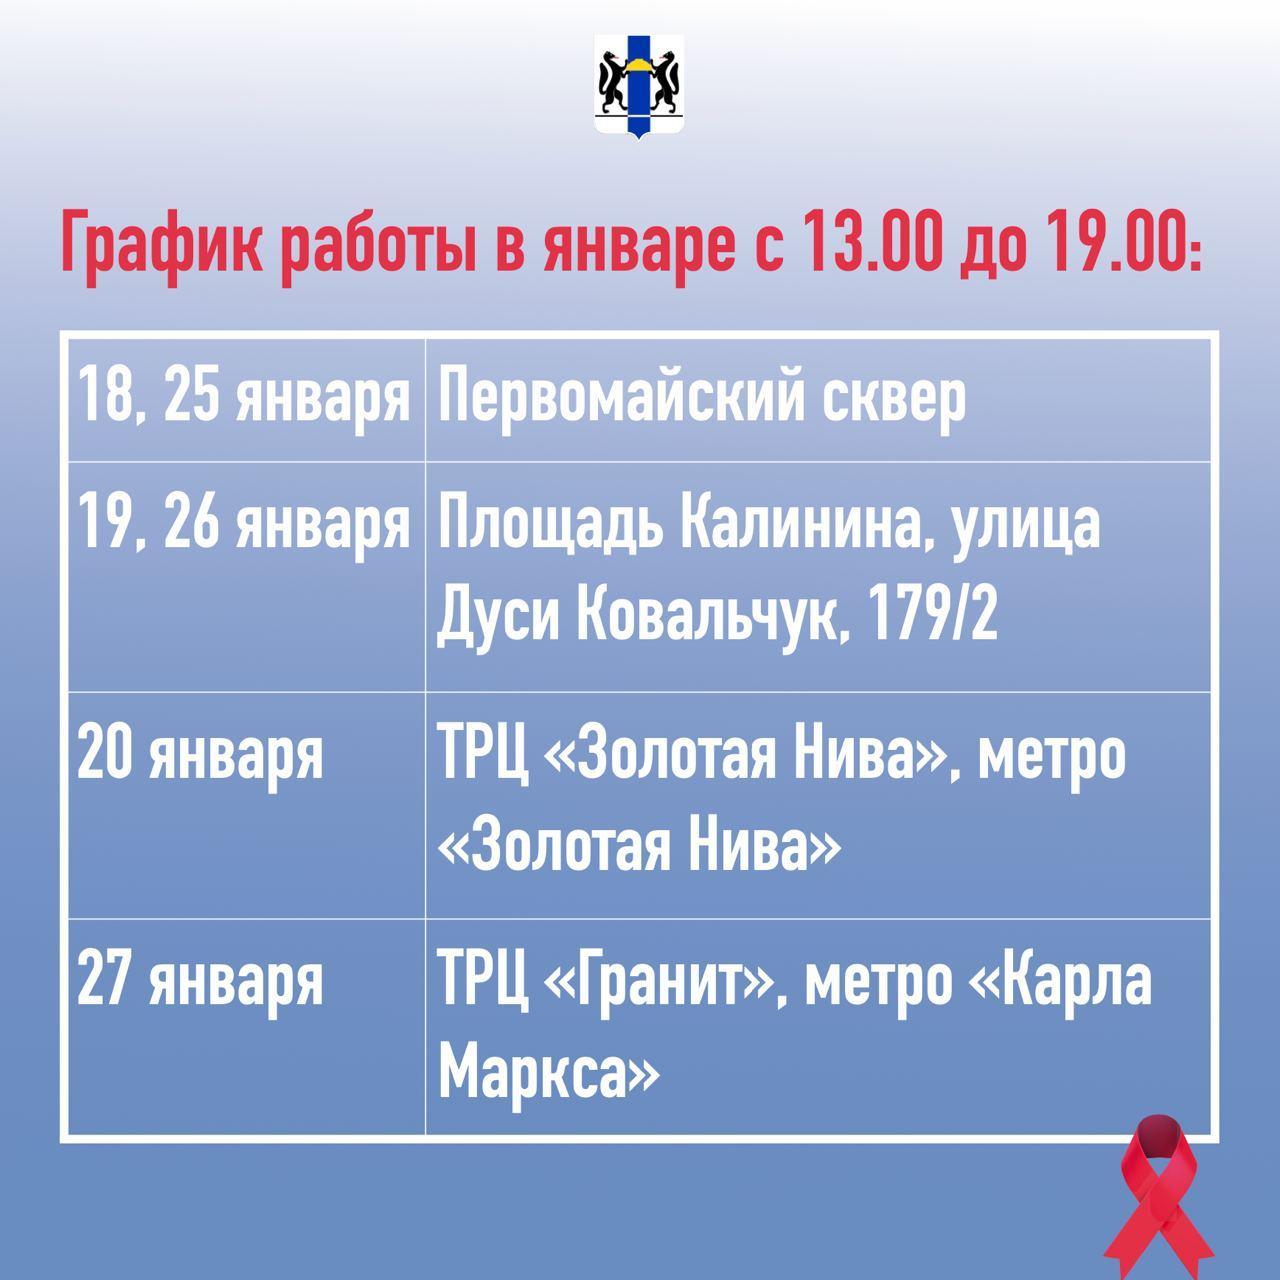 фото ВИЧ-мобиль начал работать в Новосибирске: график работы в двух картинках 2